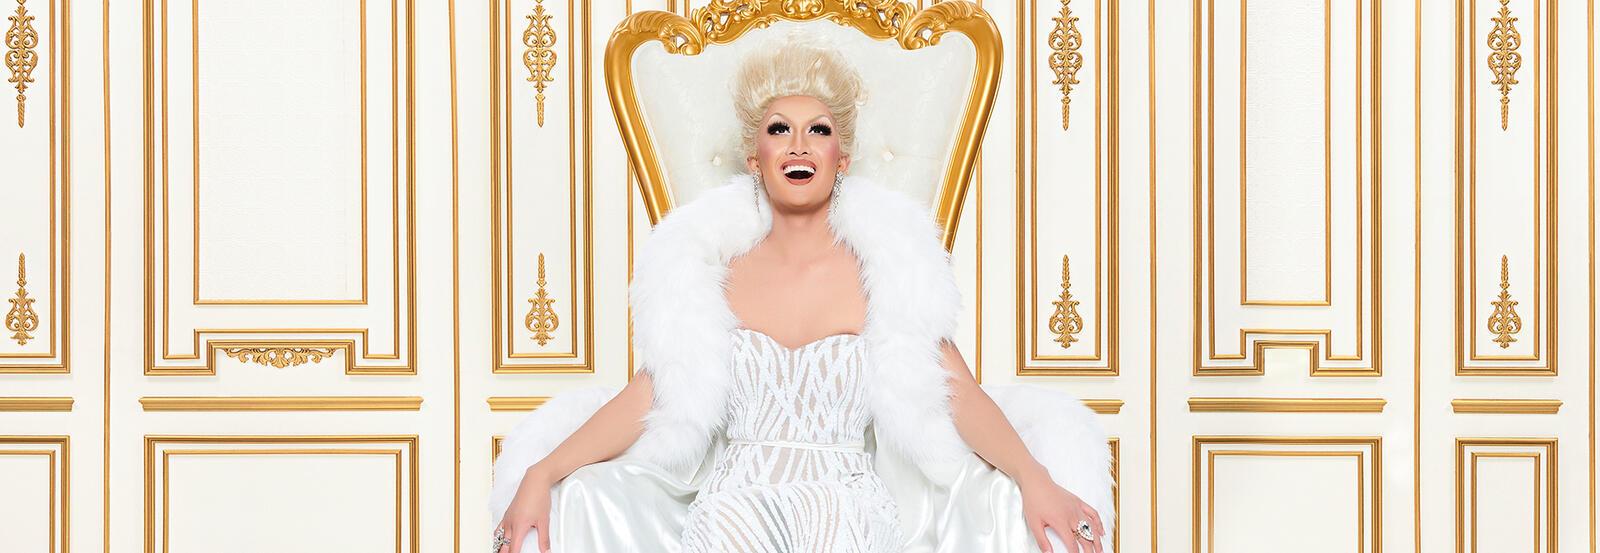 Kyne Santos as a drag queen